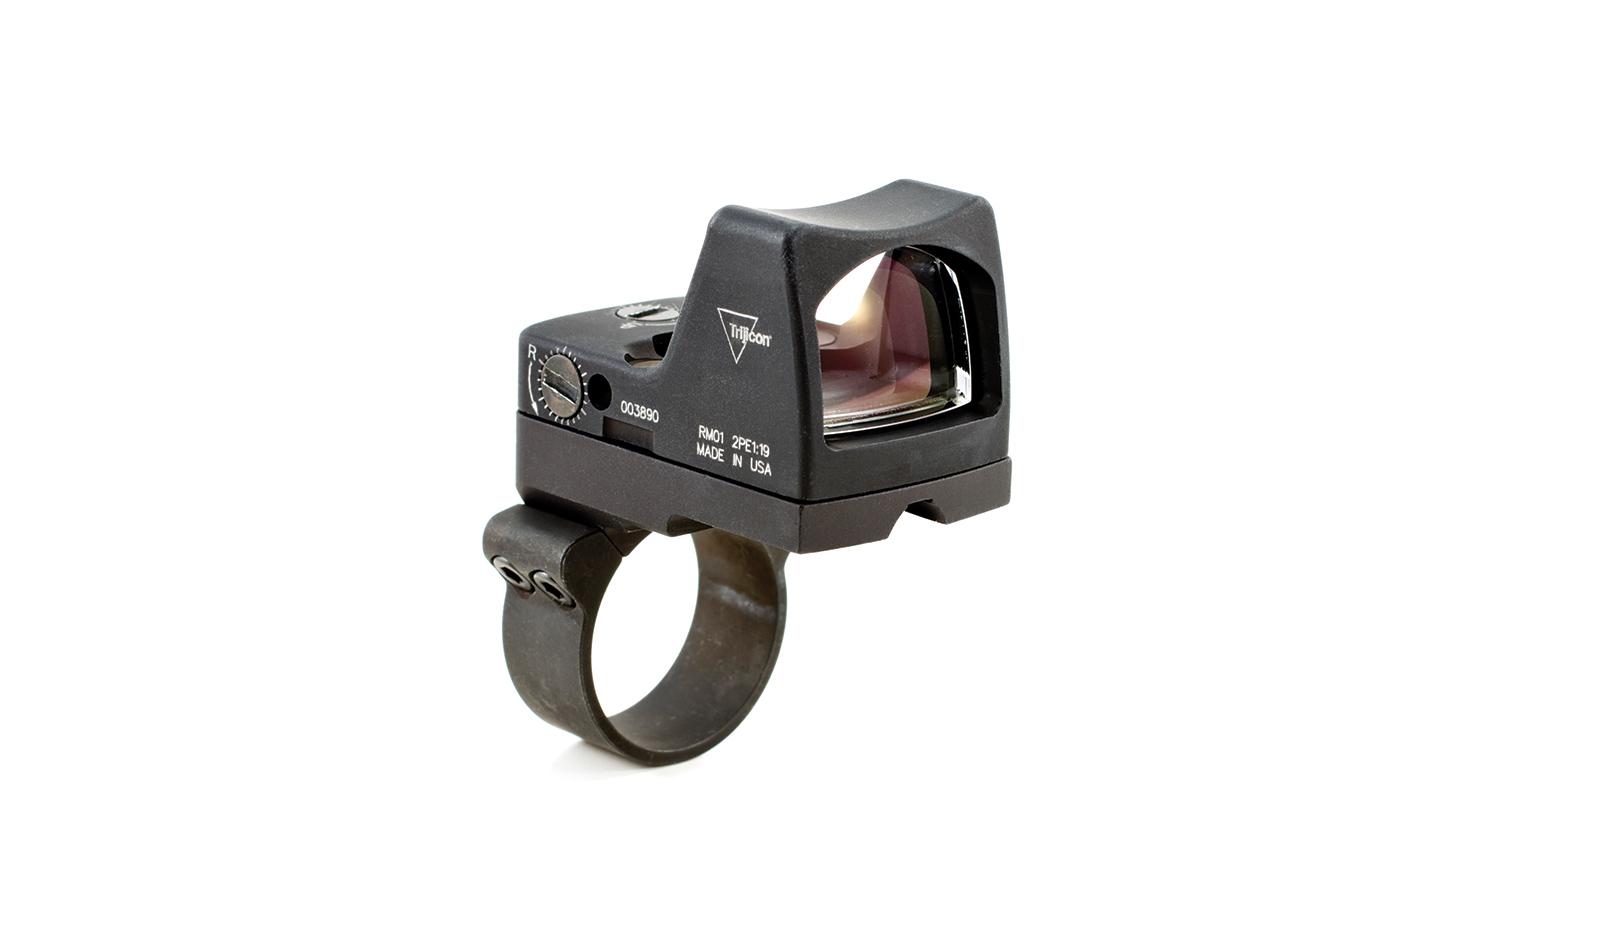 RM01-C-700605 angle 4